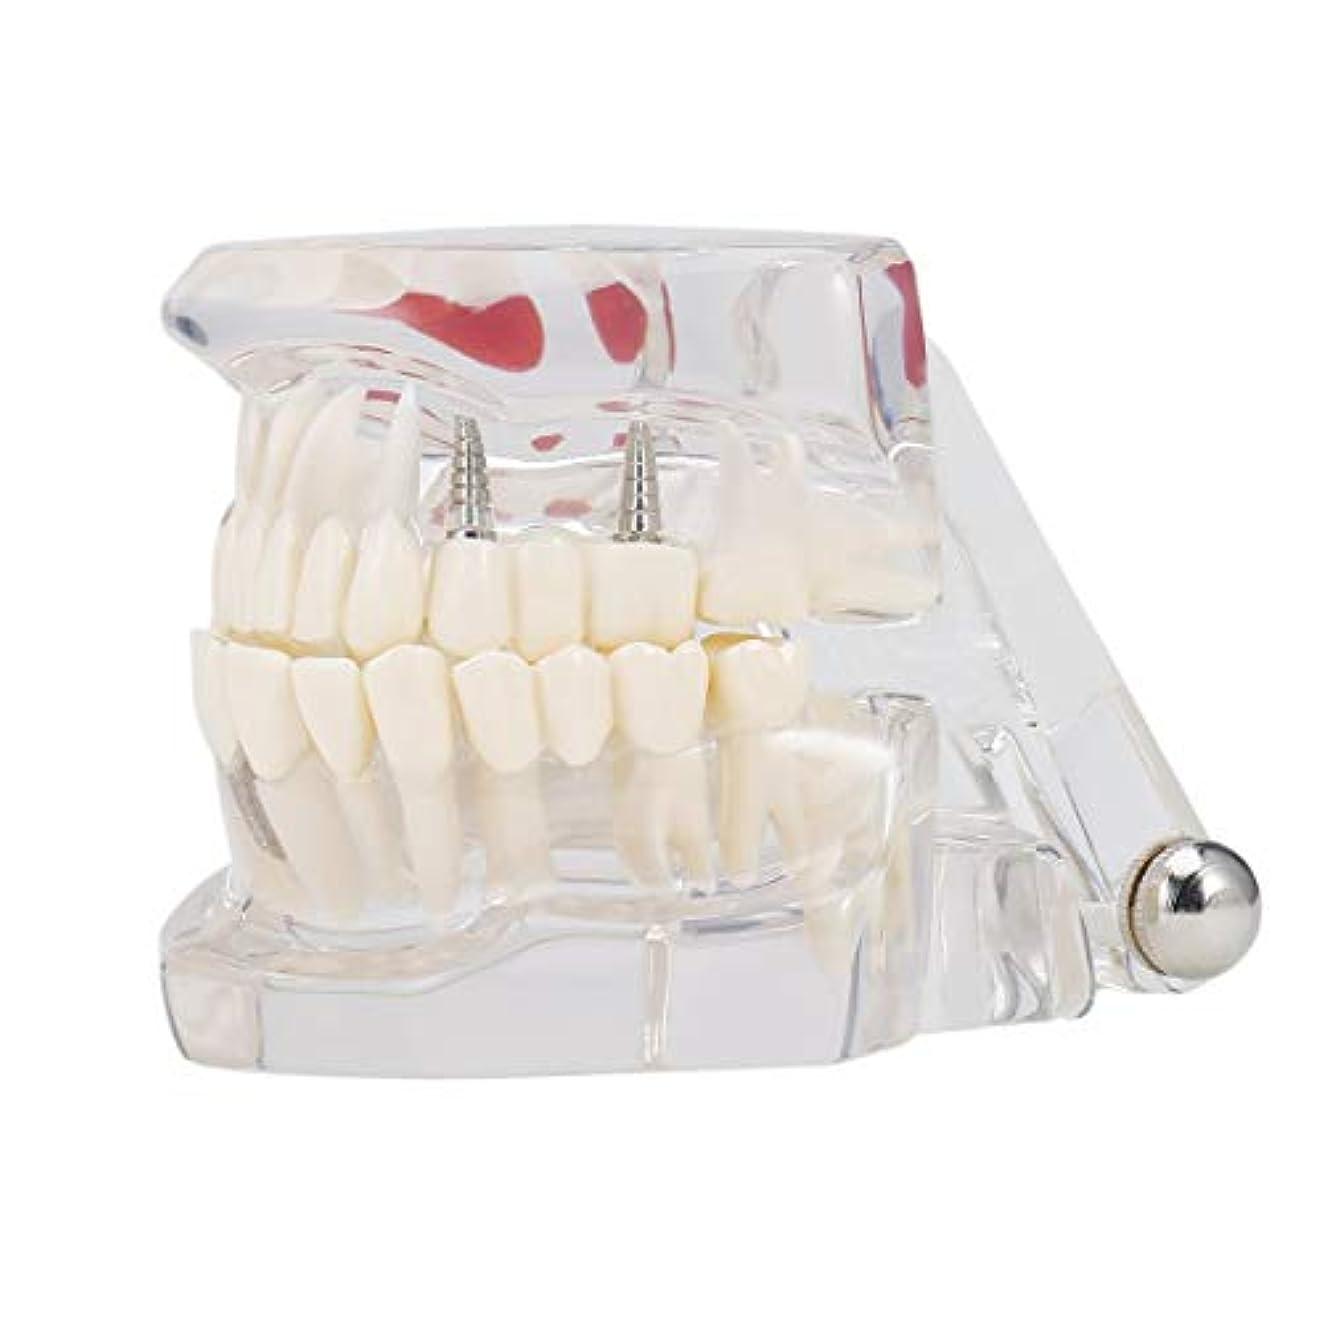 聖書メロン急襲専門の取り外し可能な偽の歯の歯の病気のモルデルの歯科インプラント回復表示医院の病院の教育使用 (色:黒)(Rustle666)